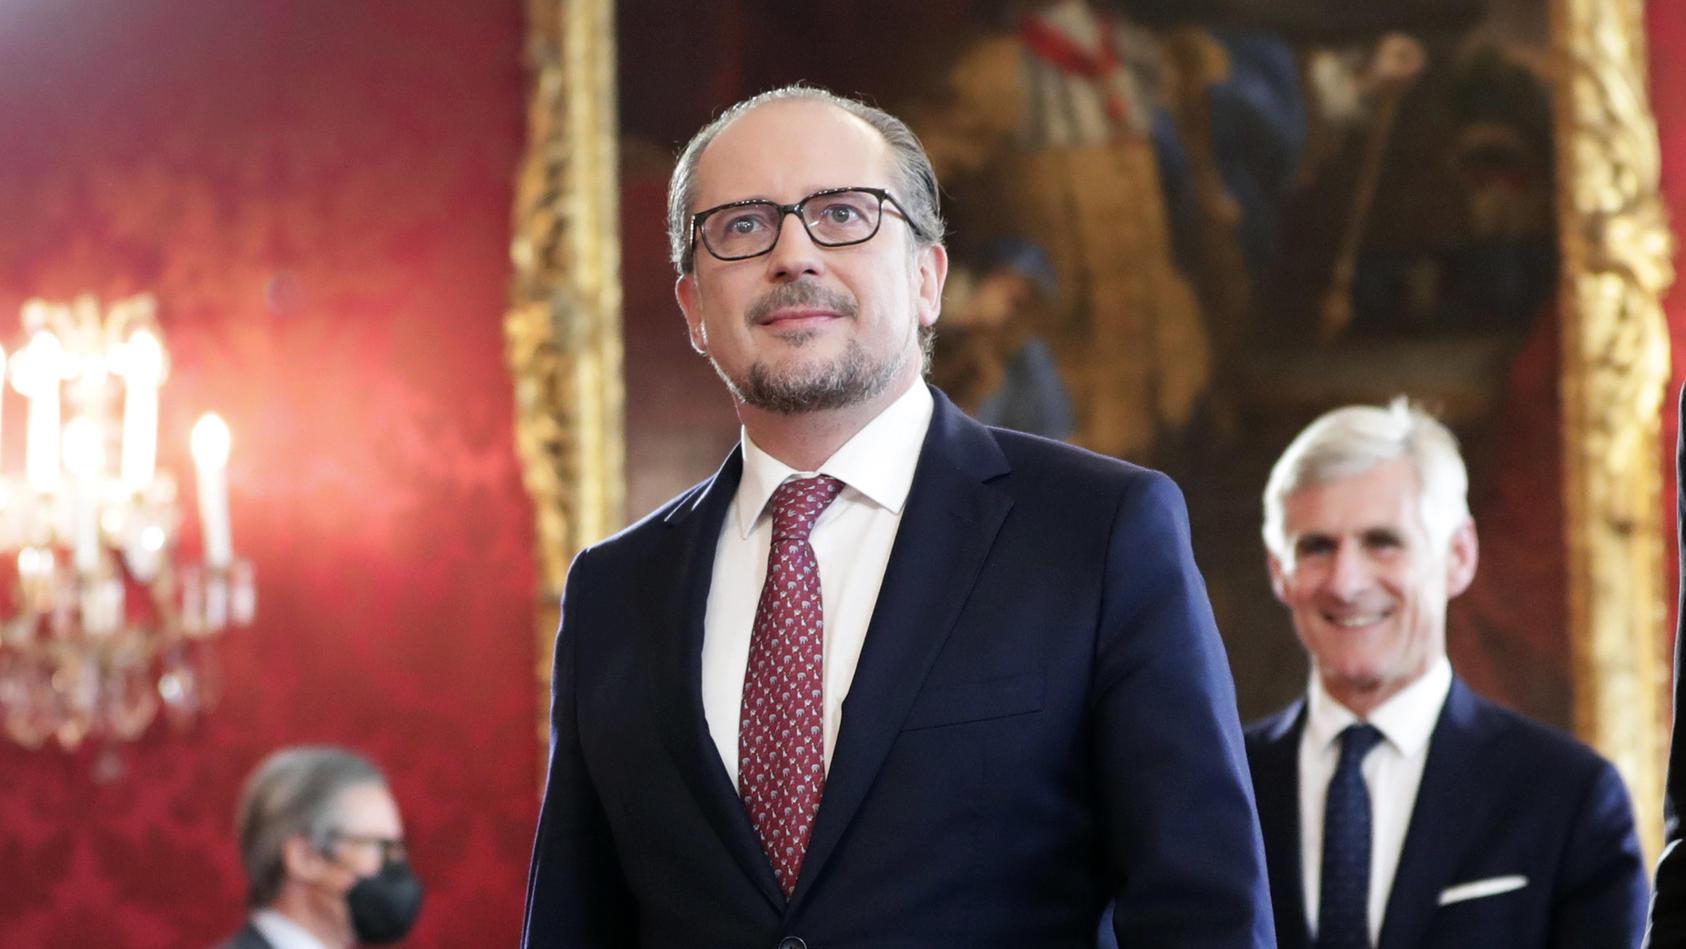 Vereidigung von Österreichs neuem Bundeskanzler Schallenberg in Wien.